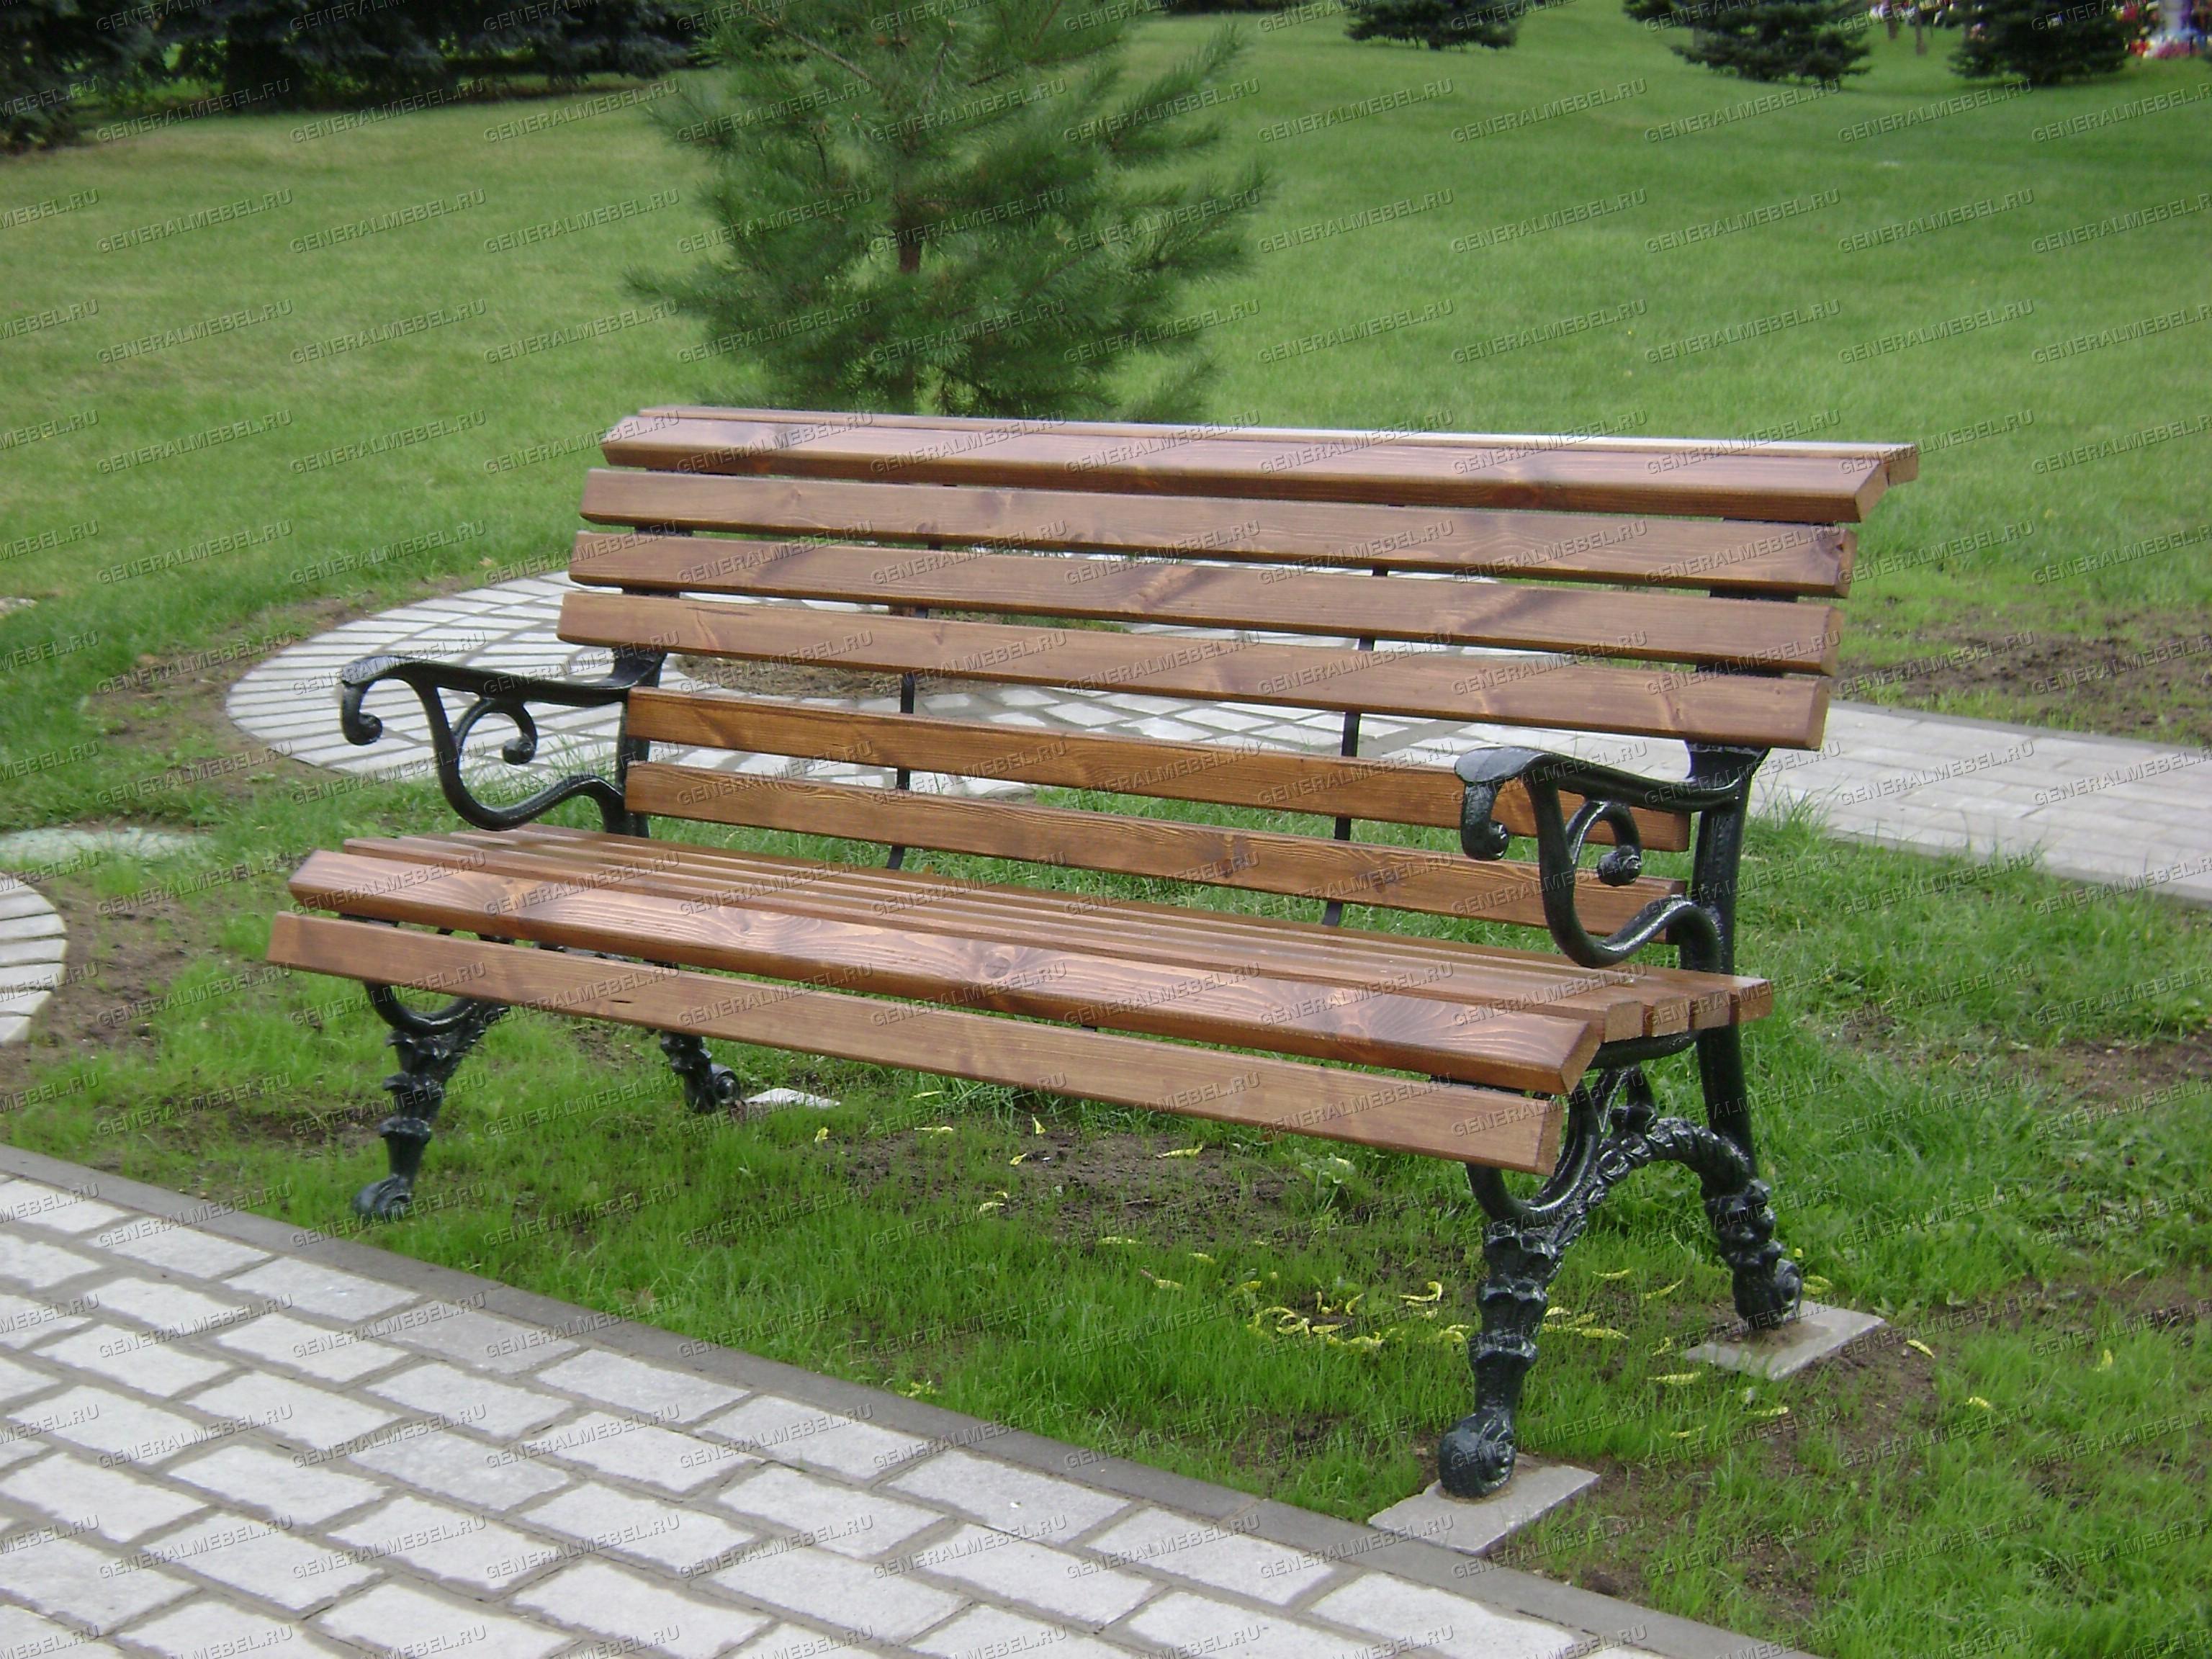 Картинки скамейка садовая фото лавка со спинкой фото чугунная скамейка лавка из чугунного литья